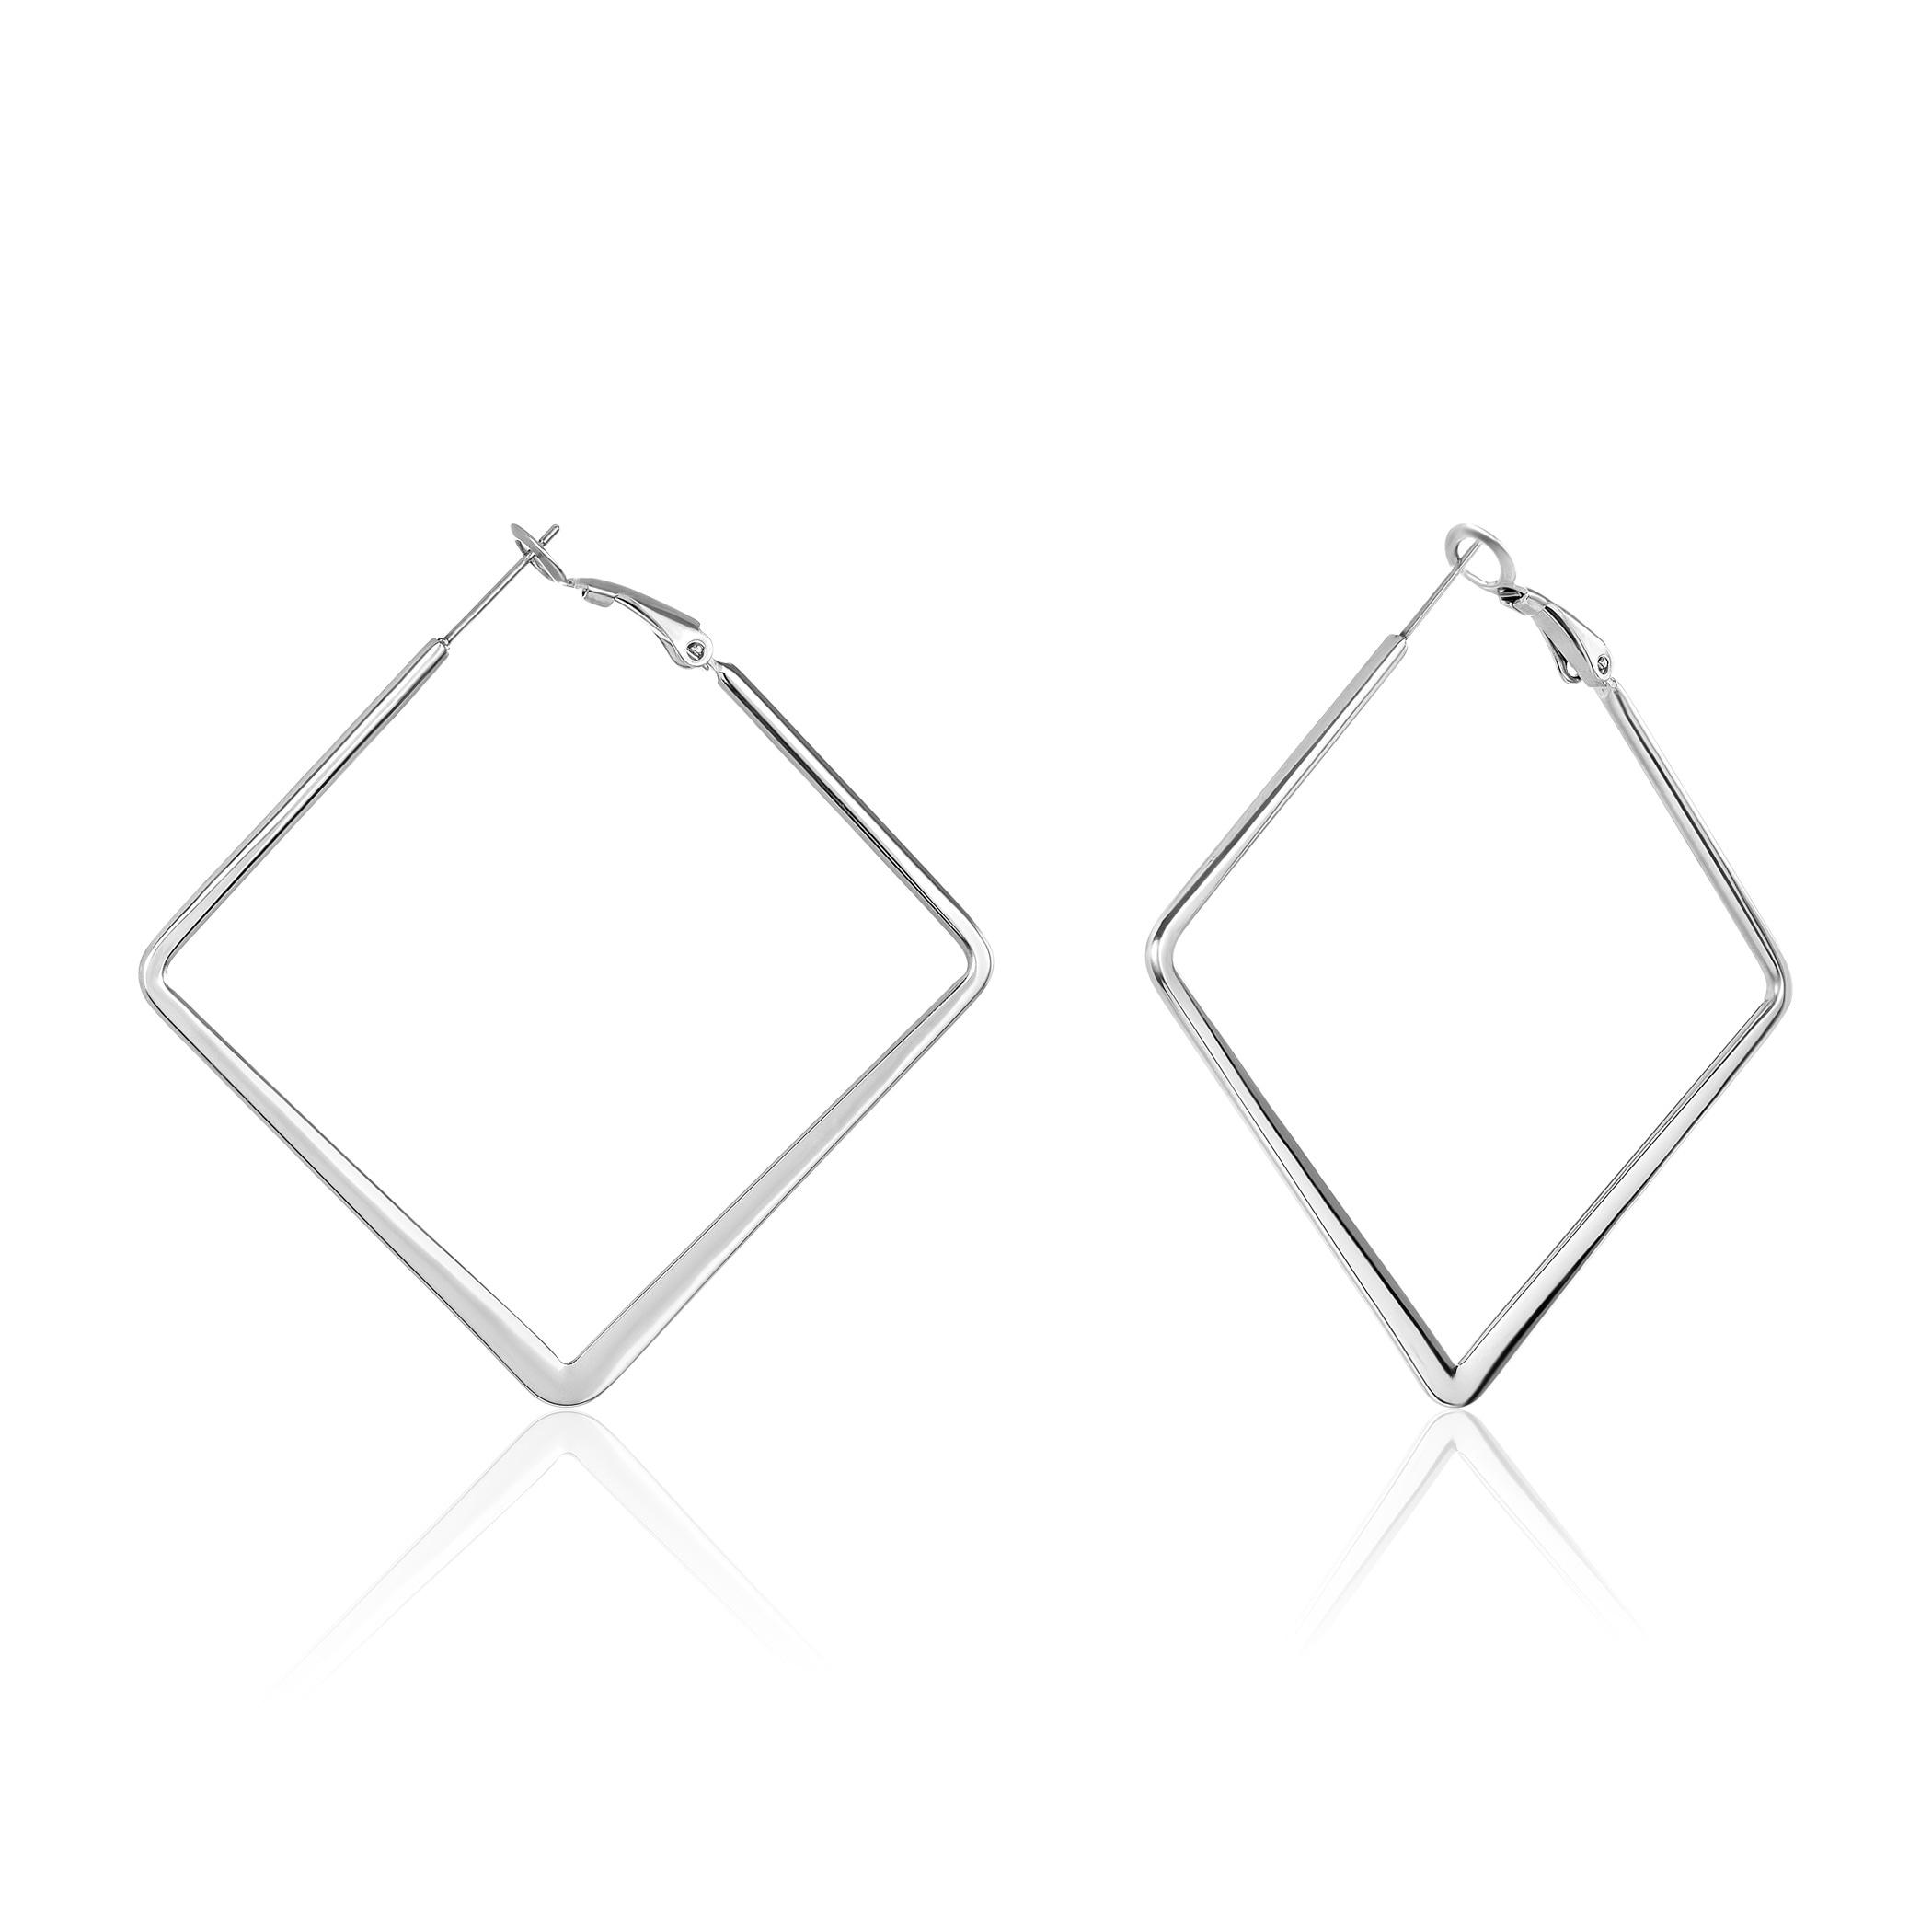 Elya Diamond Shaped Stainless Steel Hoop Earrings Free Shipping On Orders Over 45 23015059